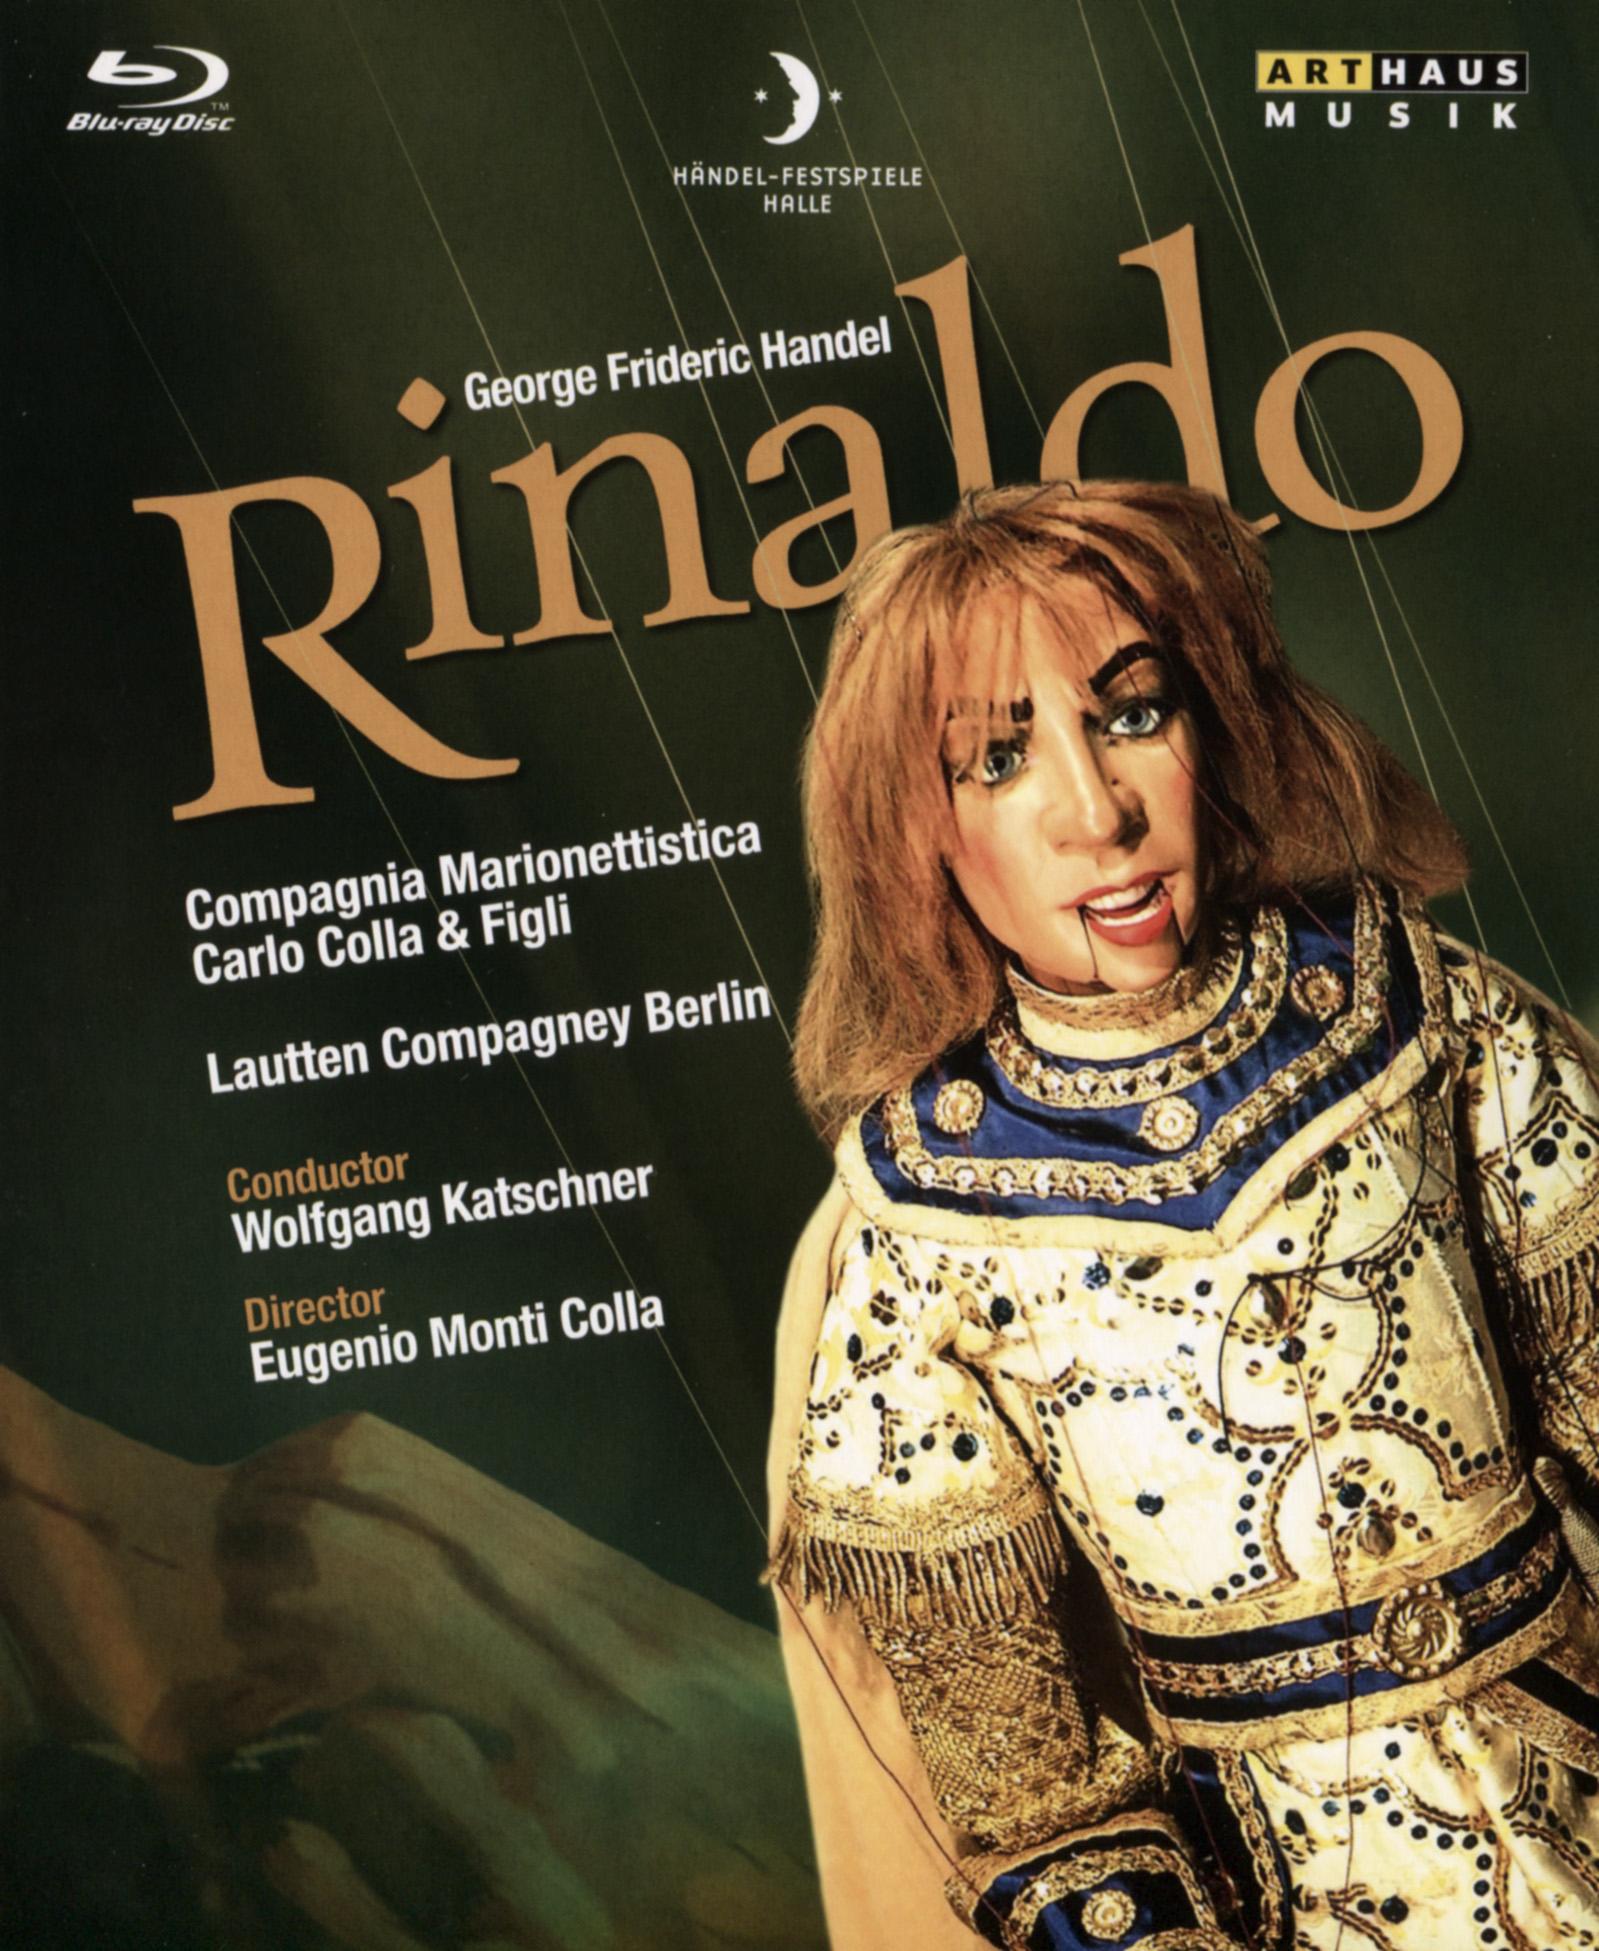 Rinaldo (Händel-Festspiele Halle)